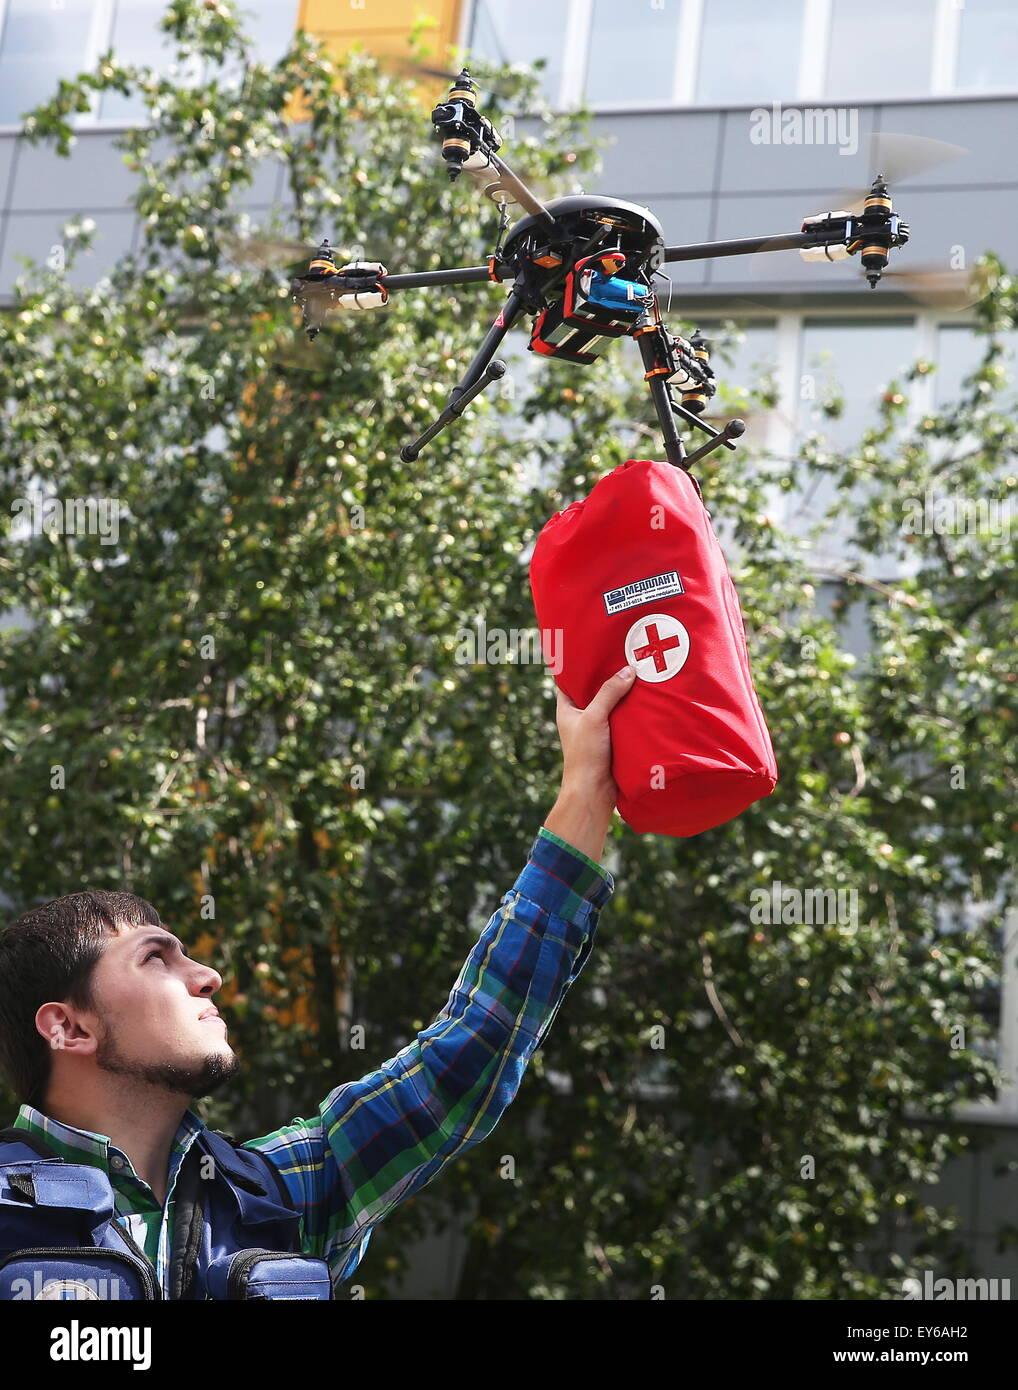 Mosca, Russia. Luglio 22, 2015. Un giovane uomo con un drone (drone aerei) portante un kit di primo soccorso a Kopter Immagini Stock